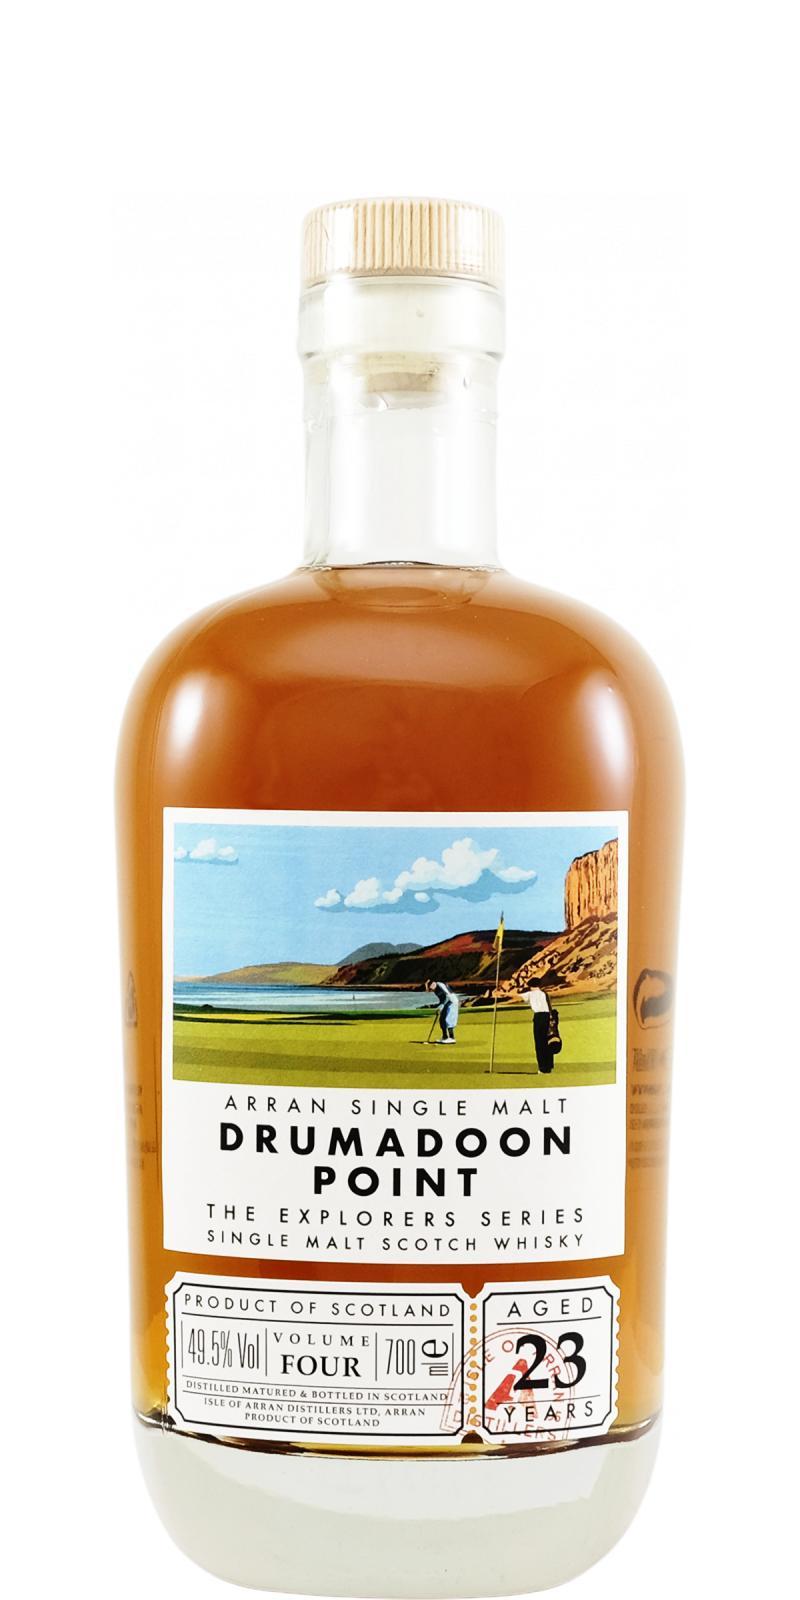 Arran Drumadoon Point